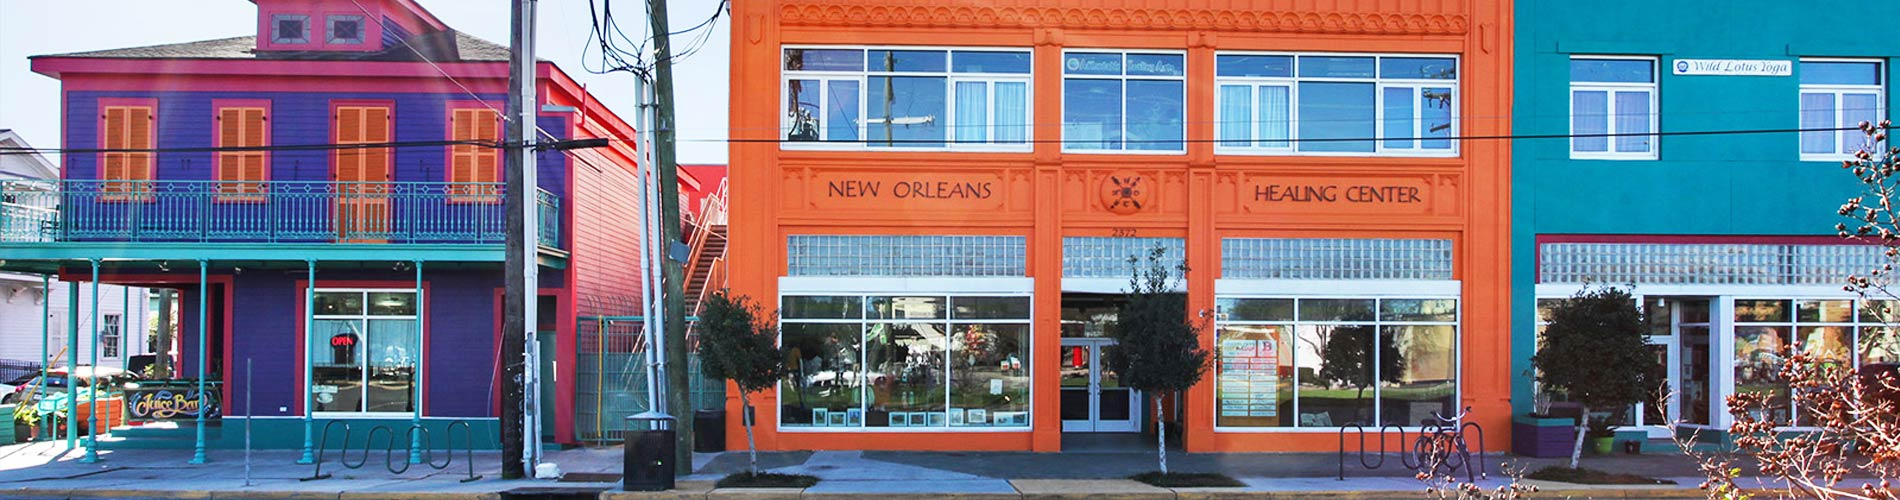 New Orleans Healing Center Exterior